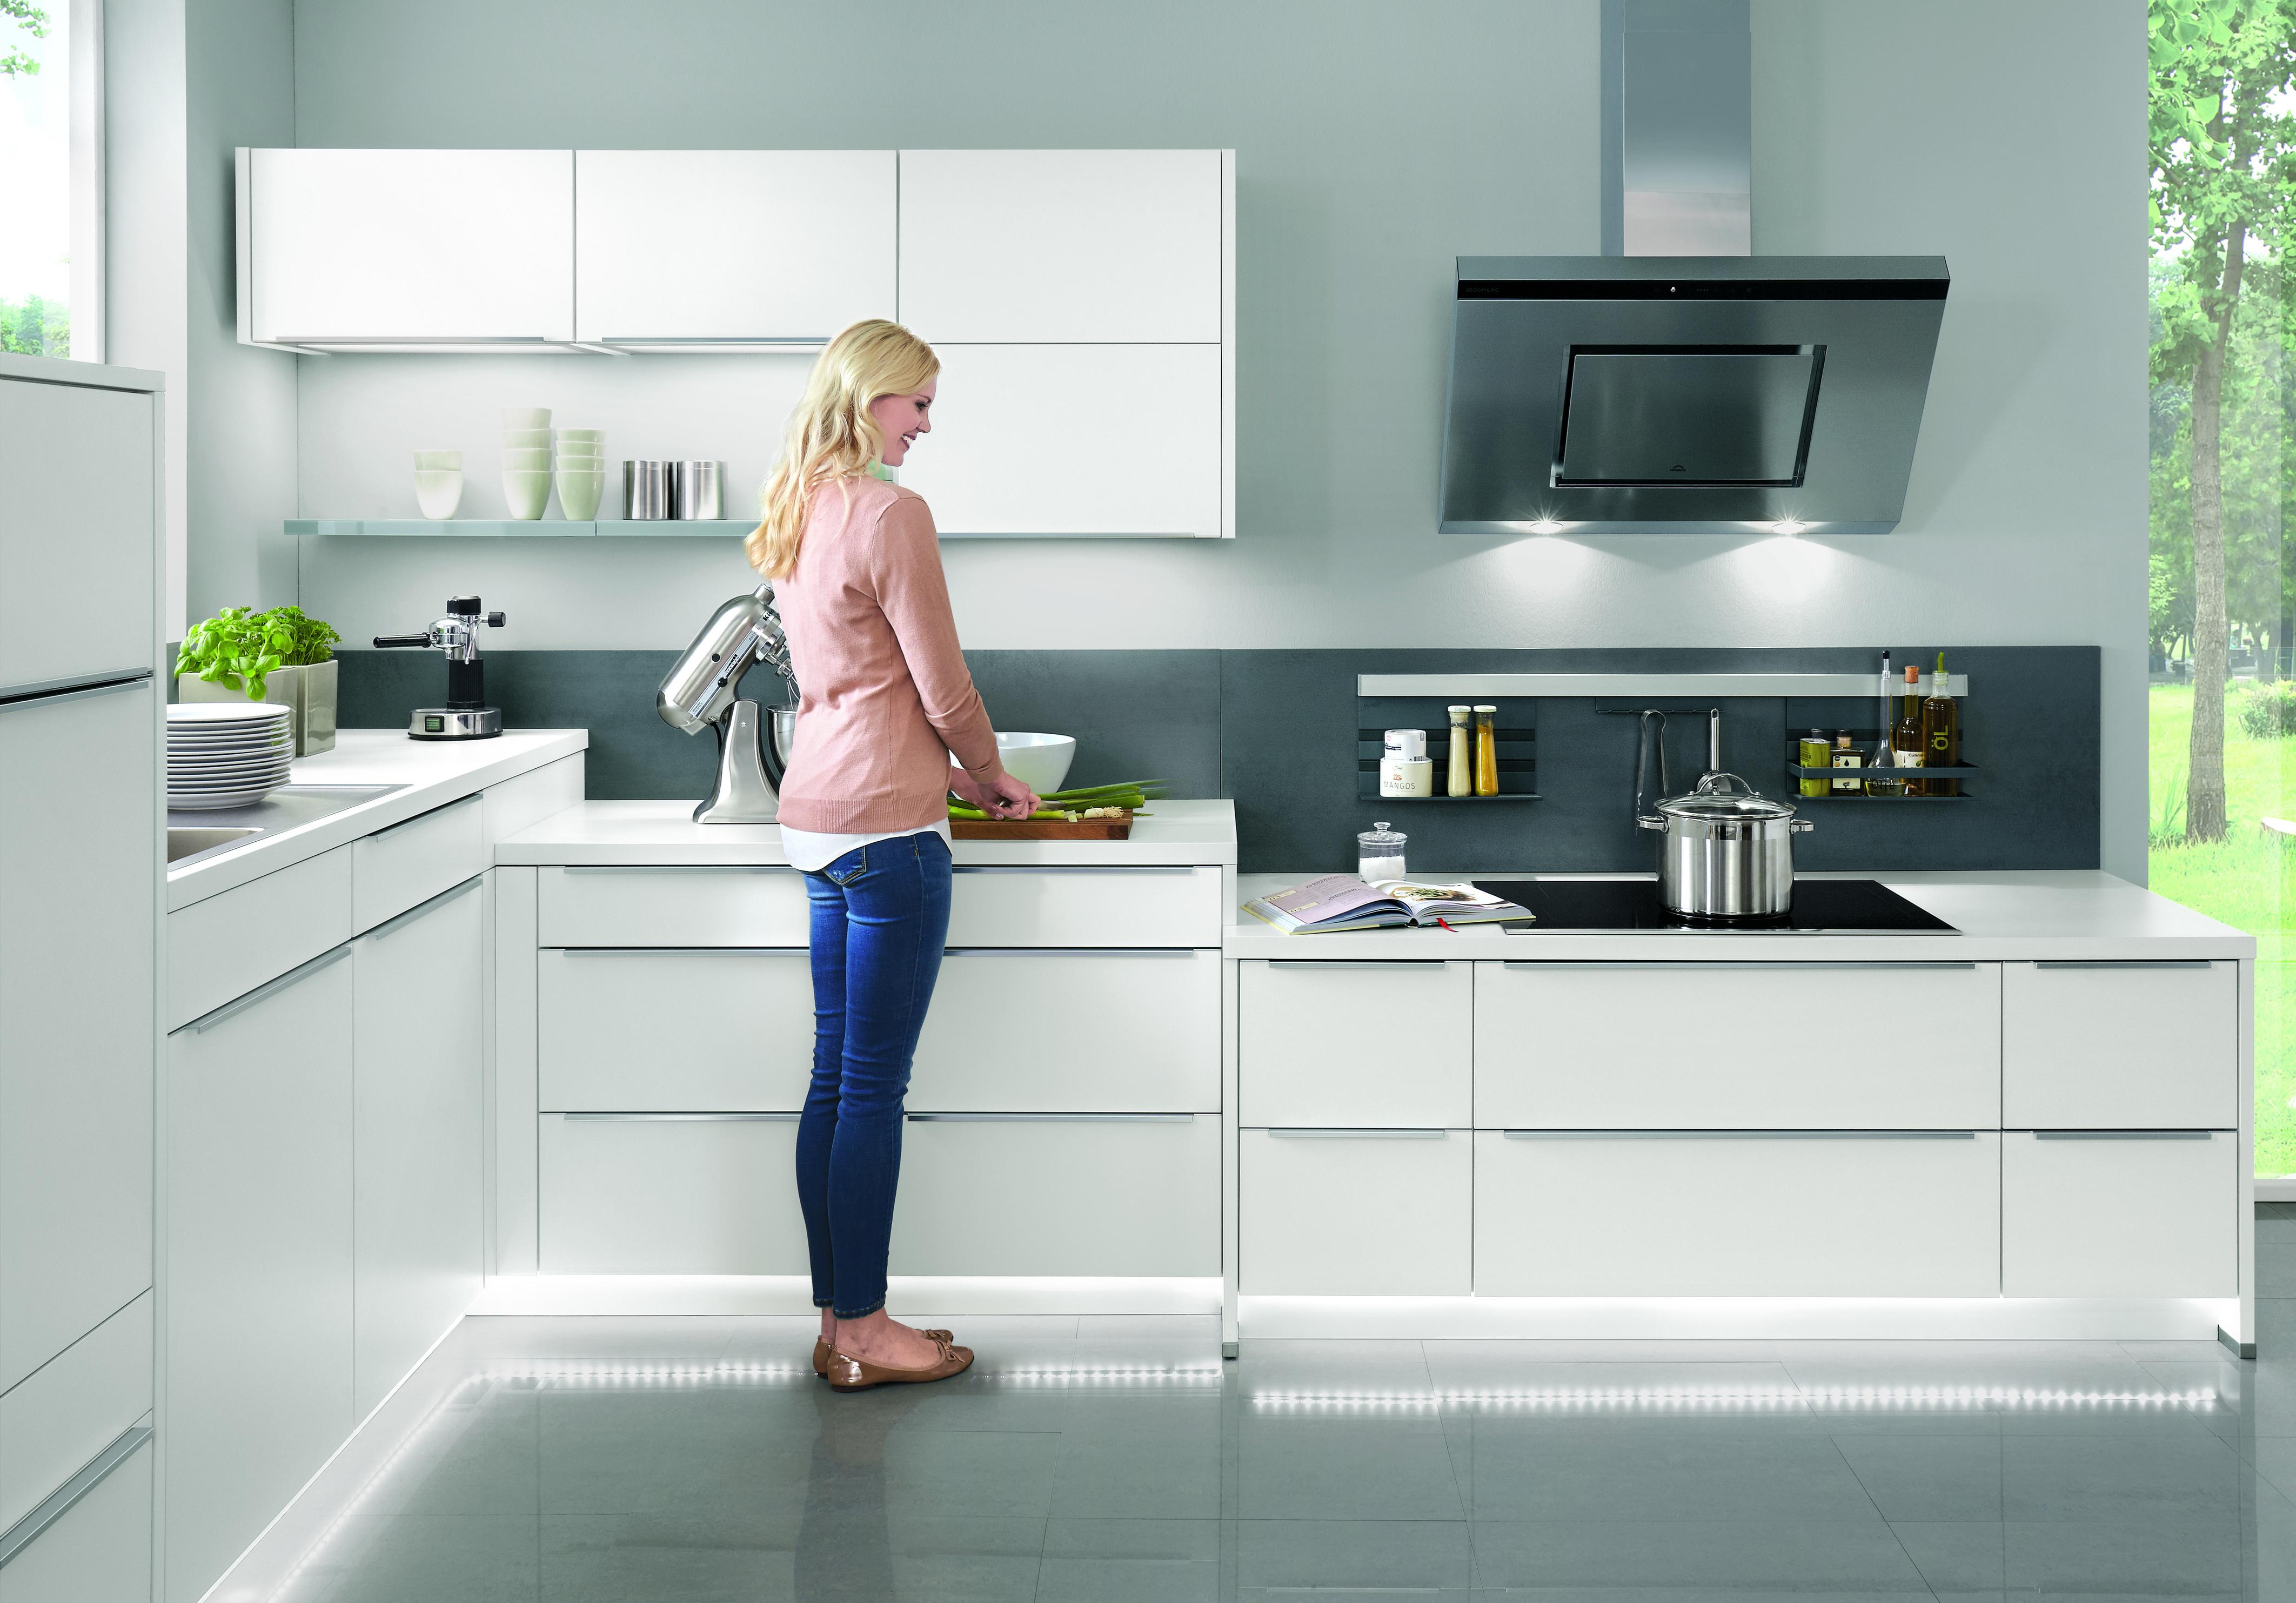 Ergonomische Planung der Arbeitshöhen und Arbeitsbereiche in der Küche